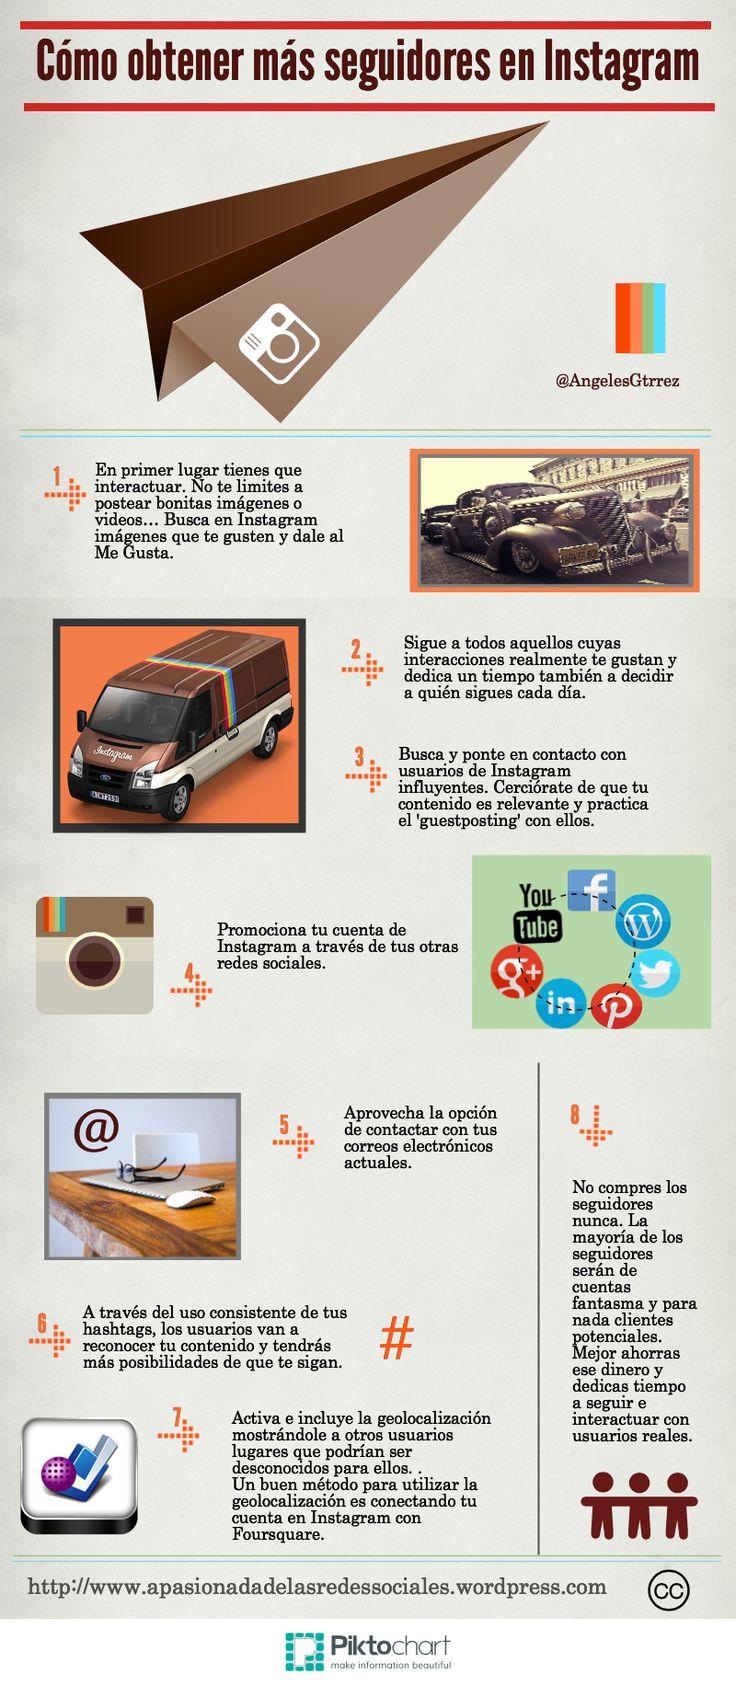 Cómo obtener más seguidores para tu empresa en #Instagram